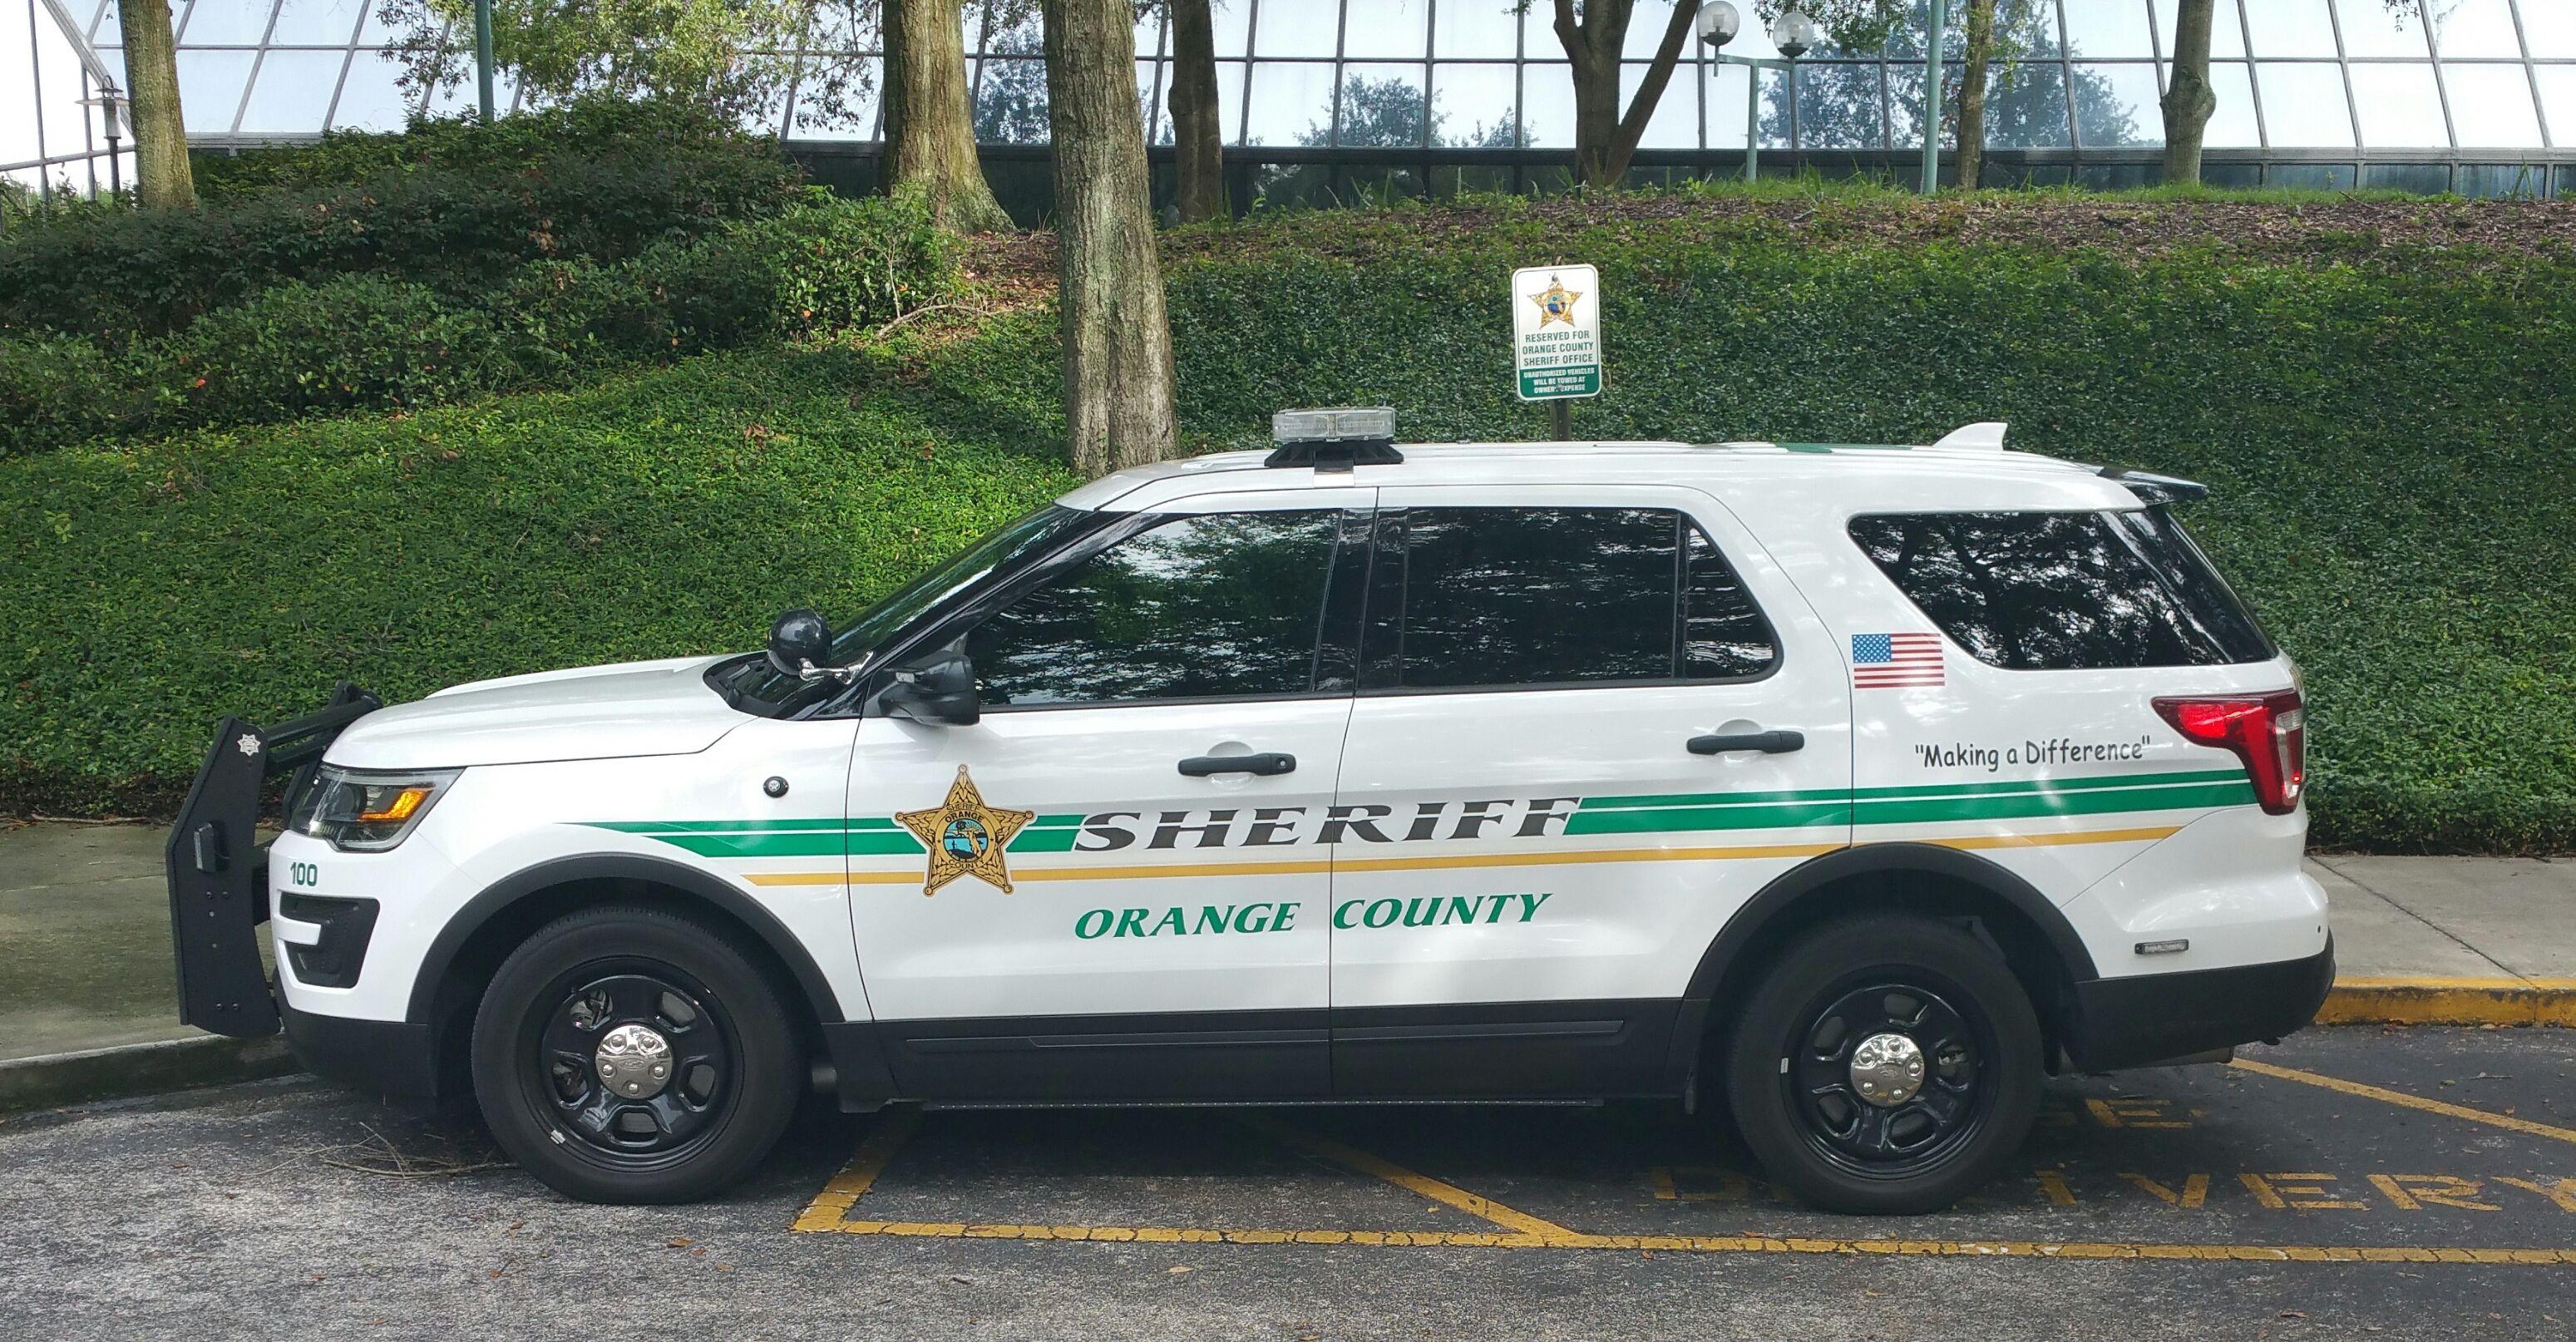 Sở cảnh sát Orange County phạm nhiều sai sót trong việc quản lý tang chứng